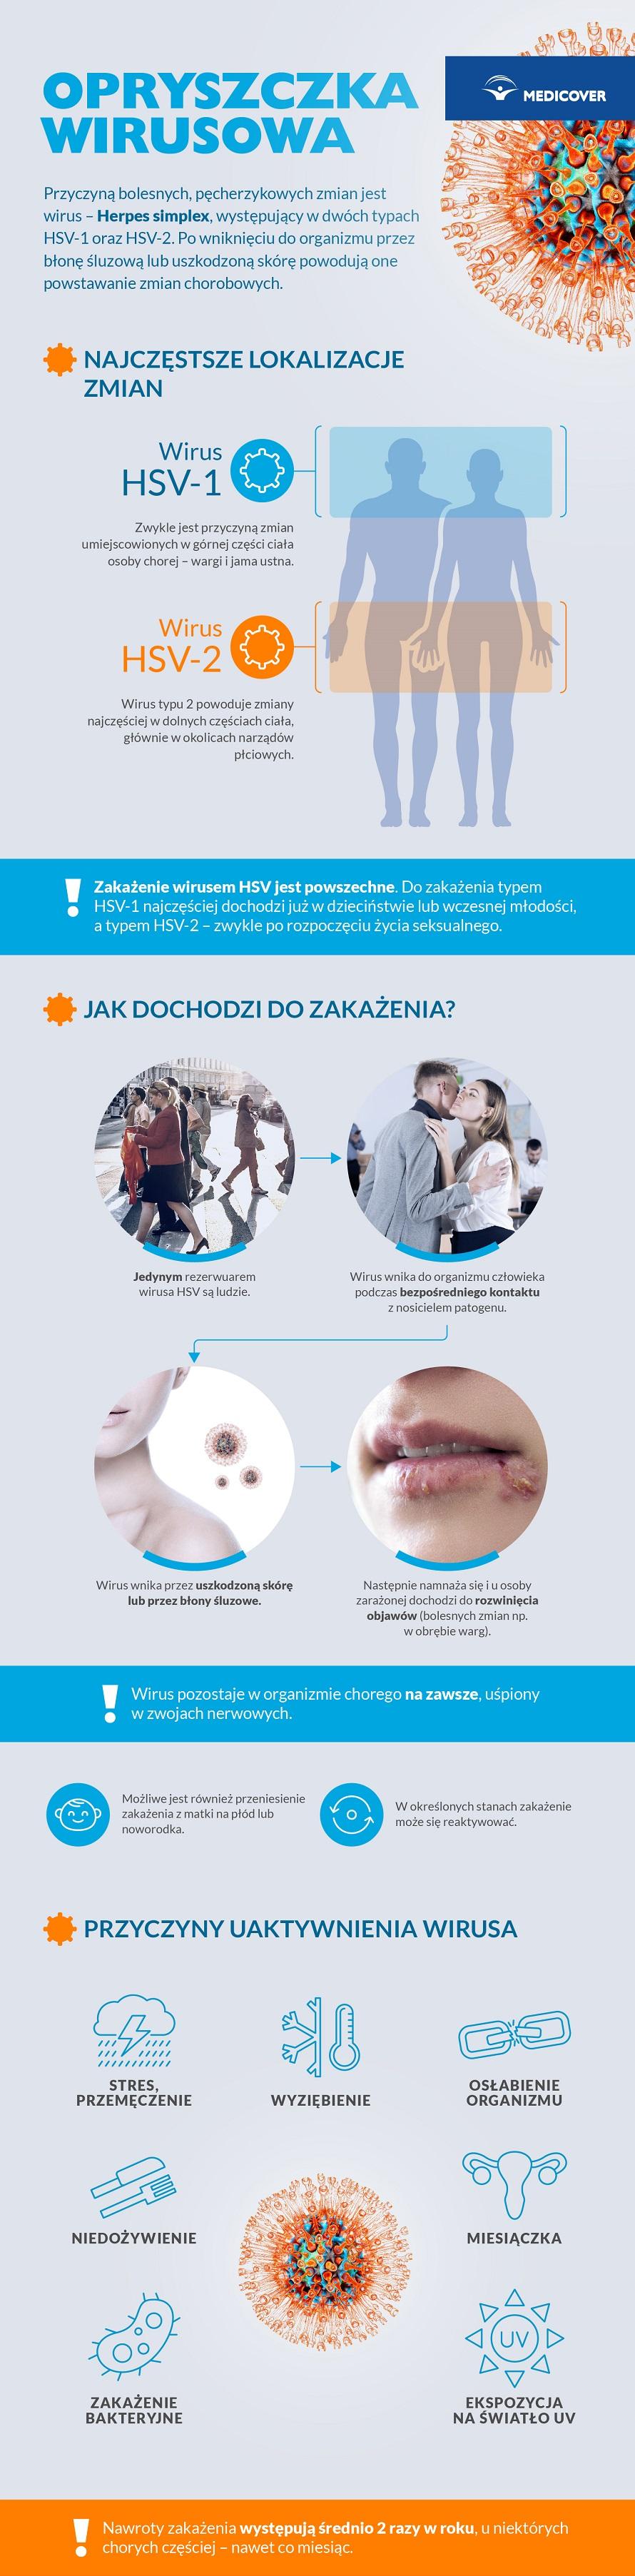 Wirus opryszczki objawy.